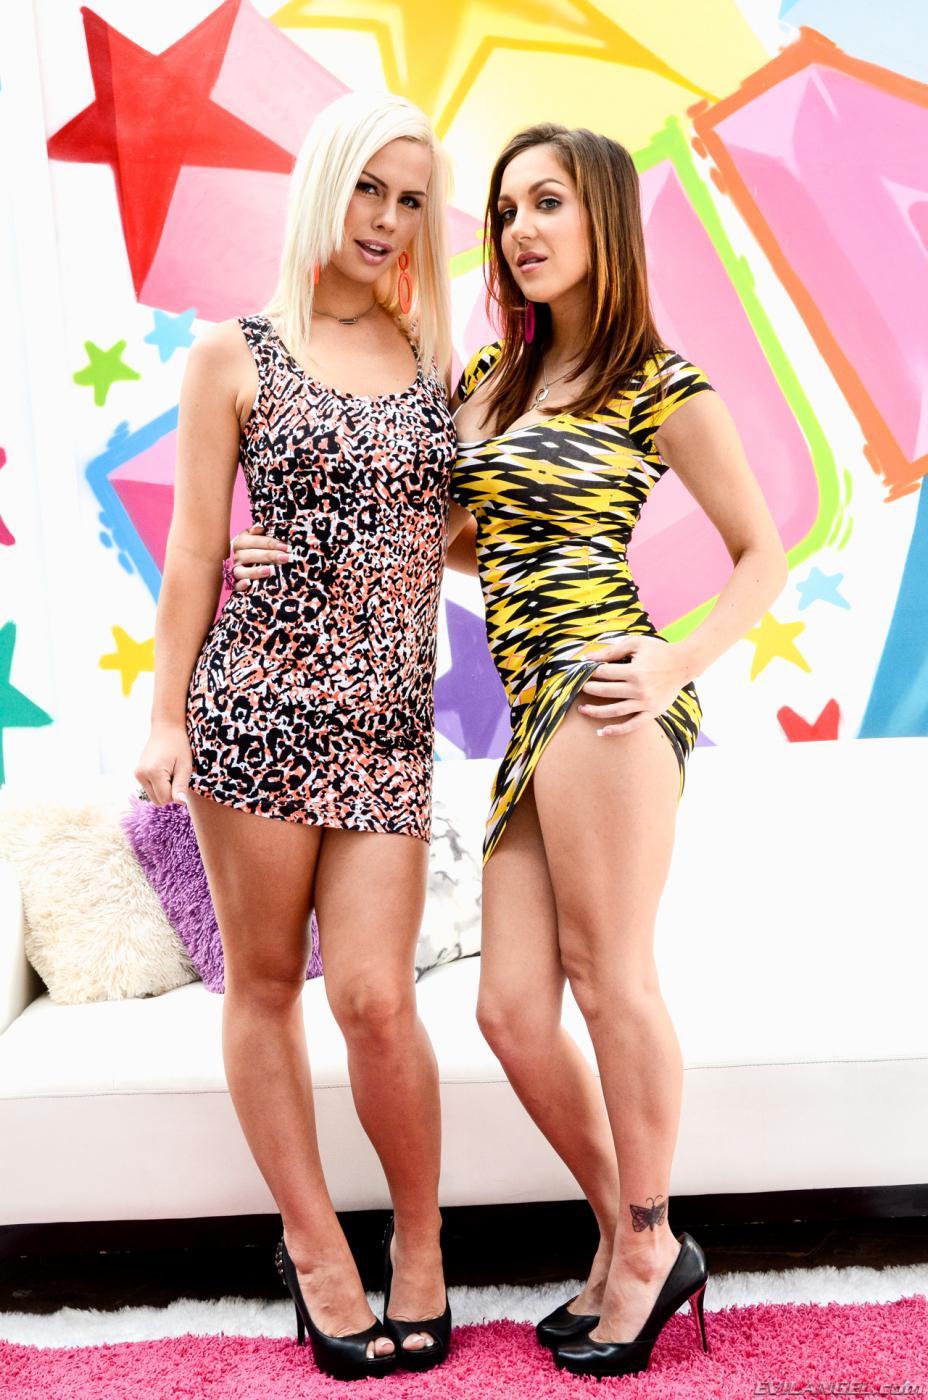 Tara Lynn и ее подружка с роскошной попкой Kiera King  показывают свои жопы для парней